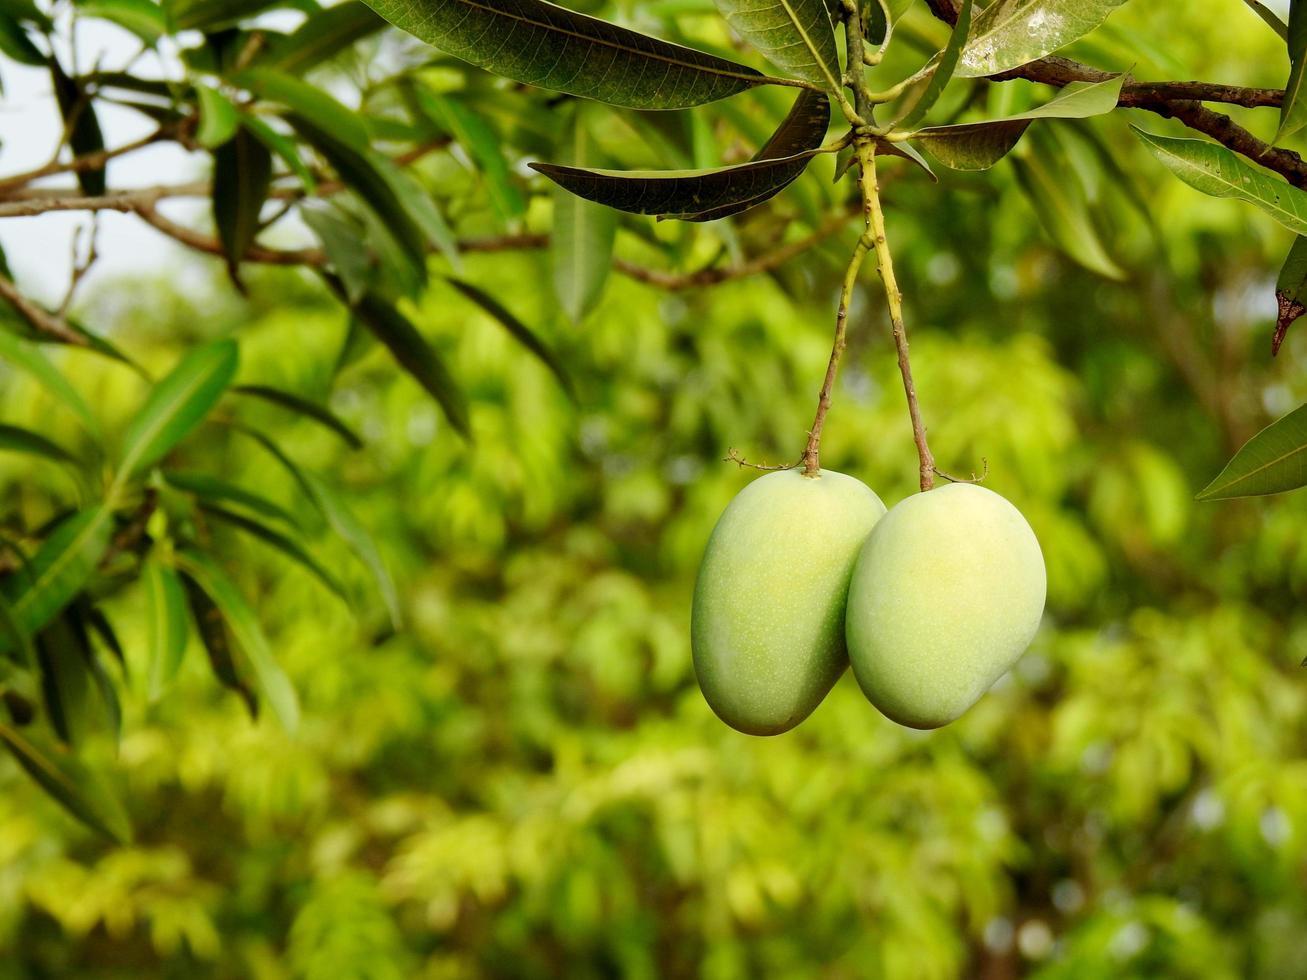 mangues vertes sur branche photo